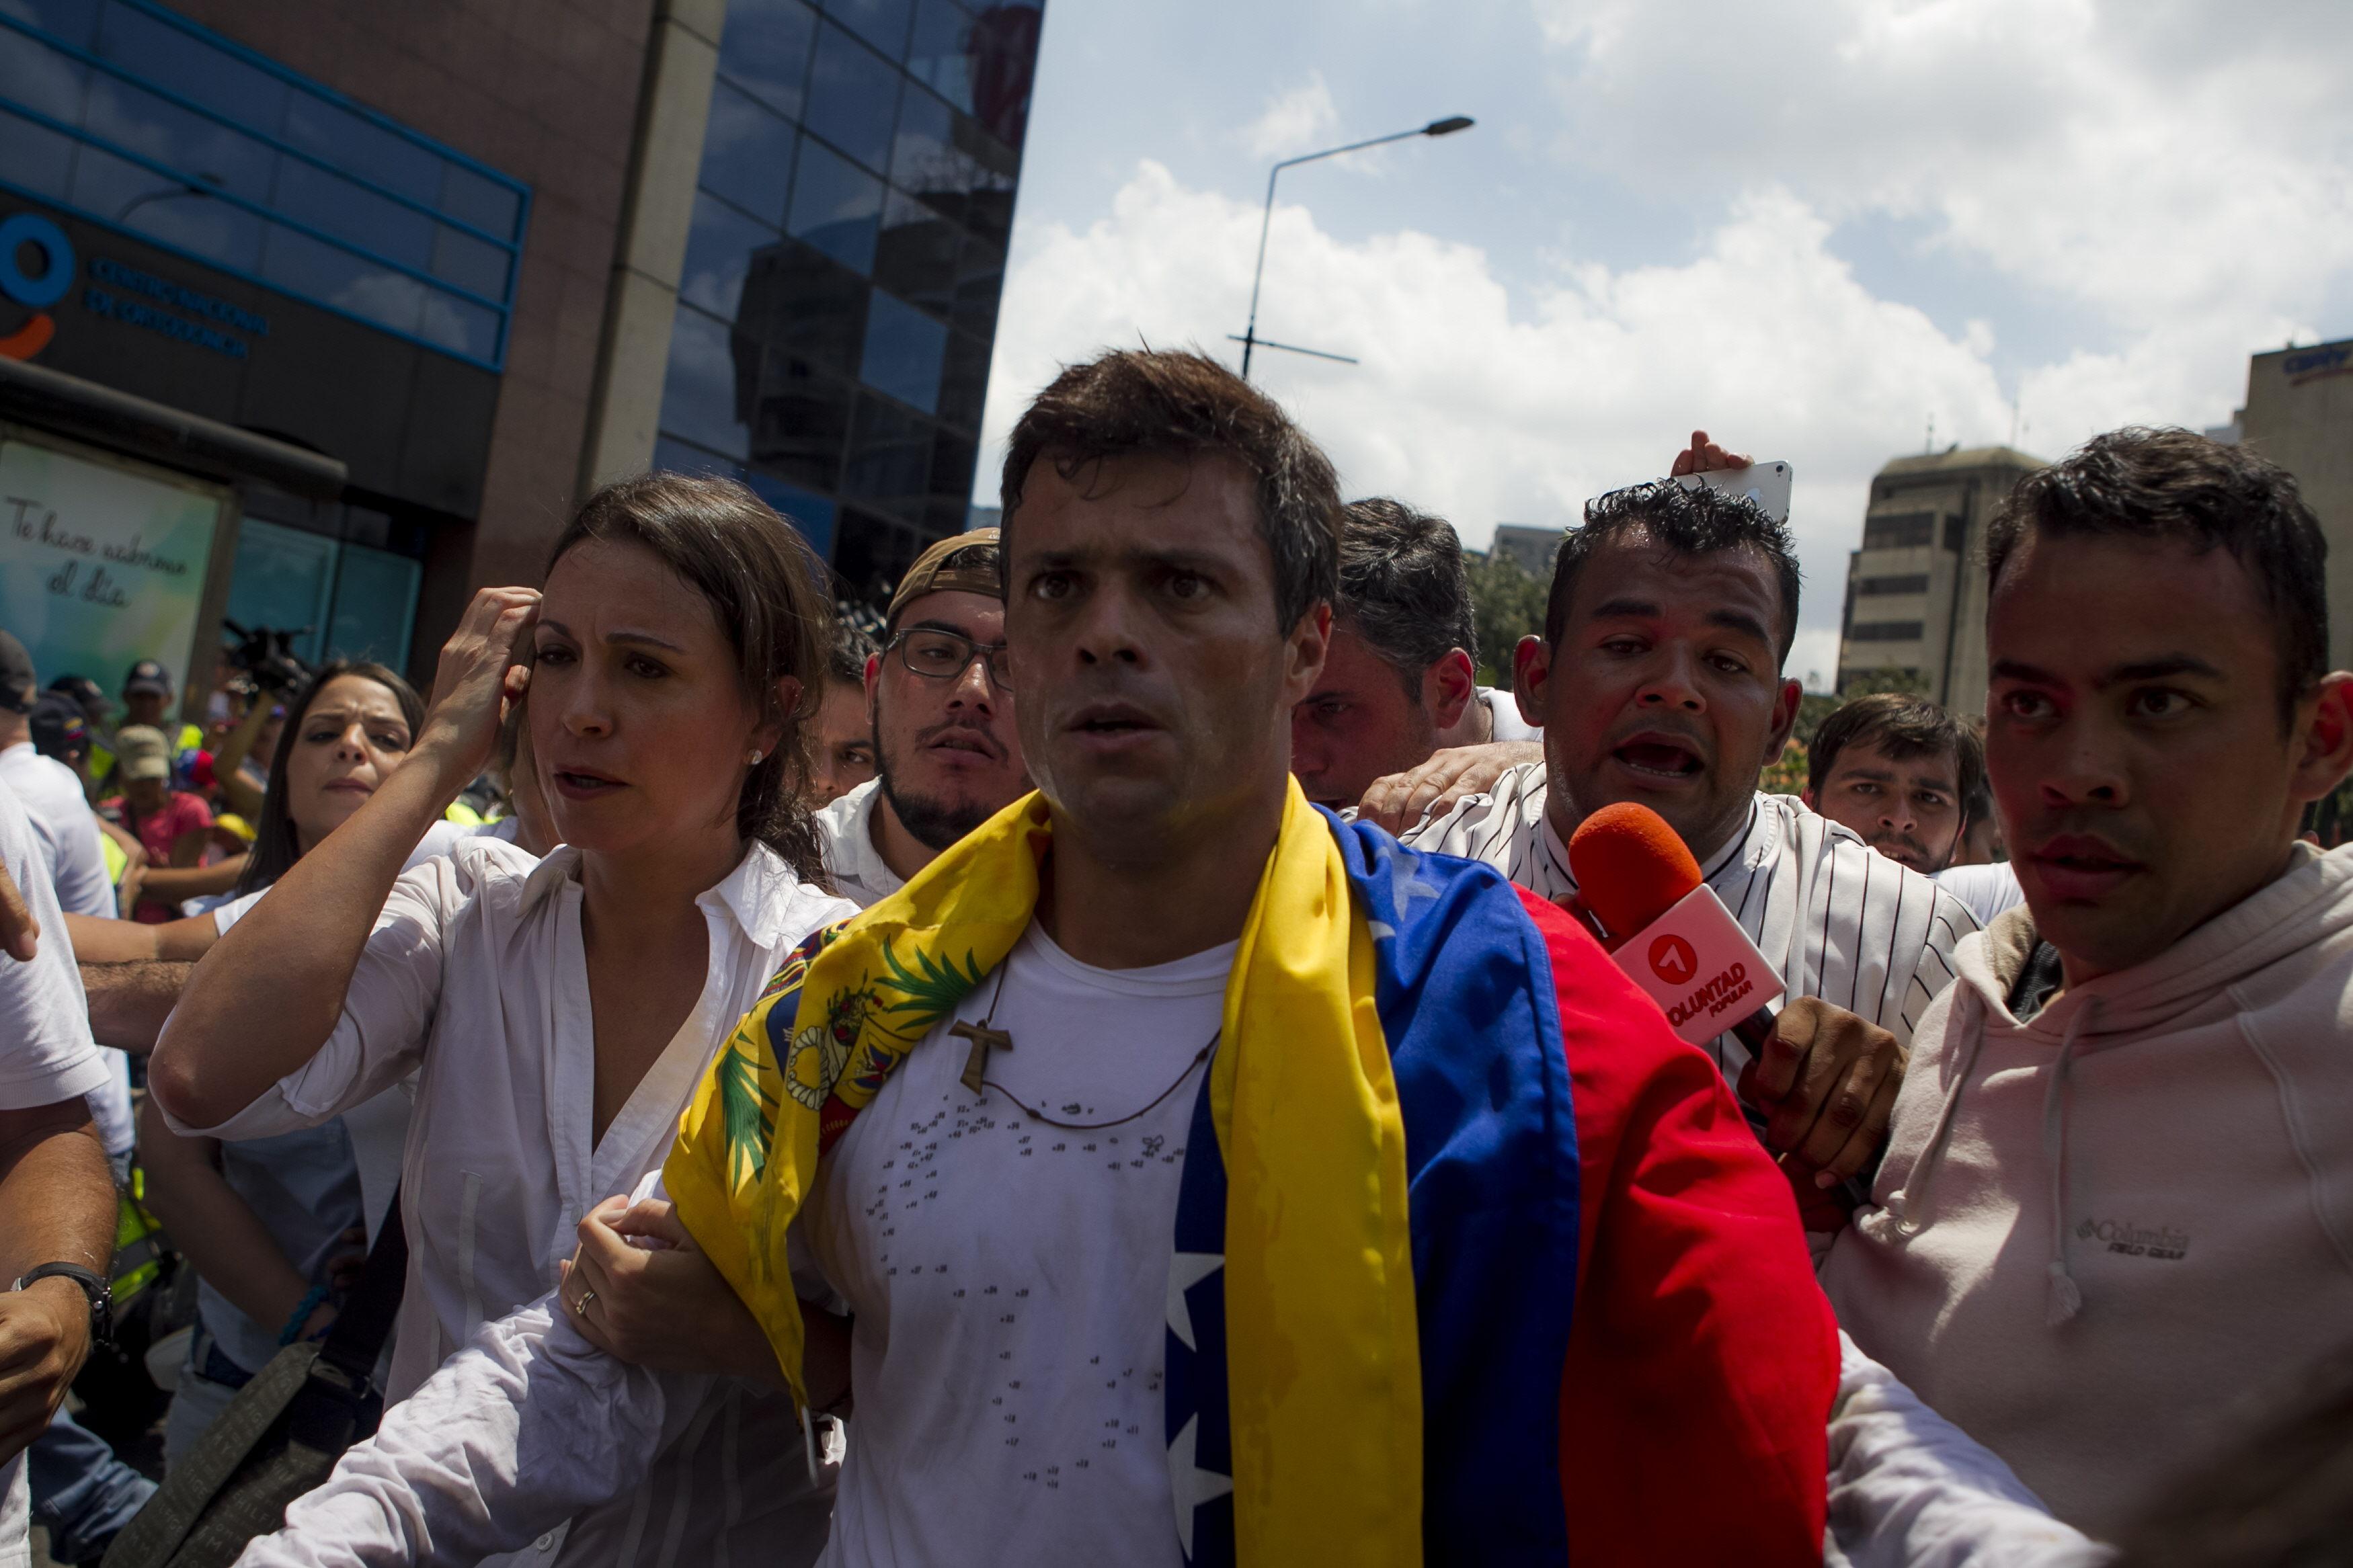 La justicia de Venezuela es uno de los ejemplos más burdos de la falta de independencia judicial